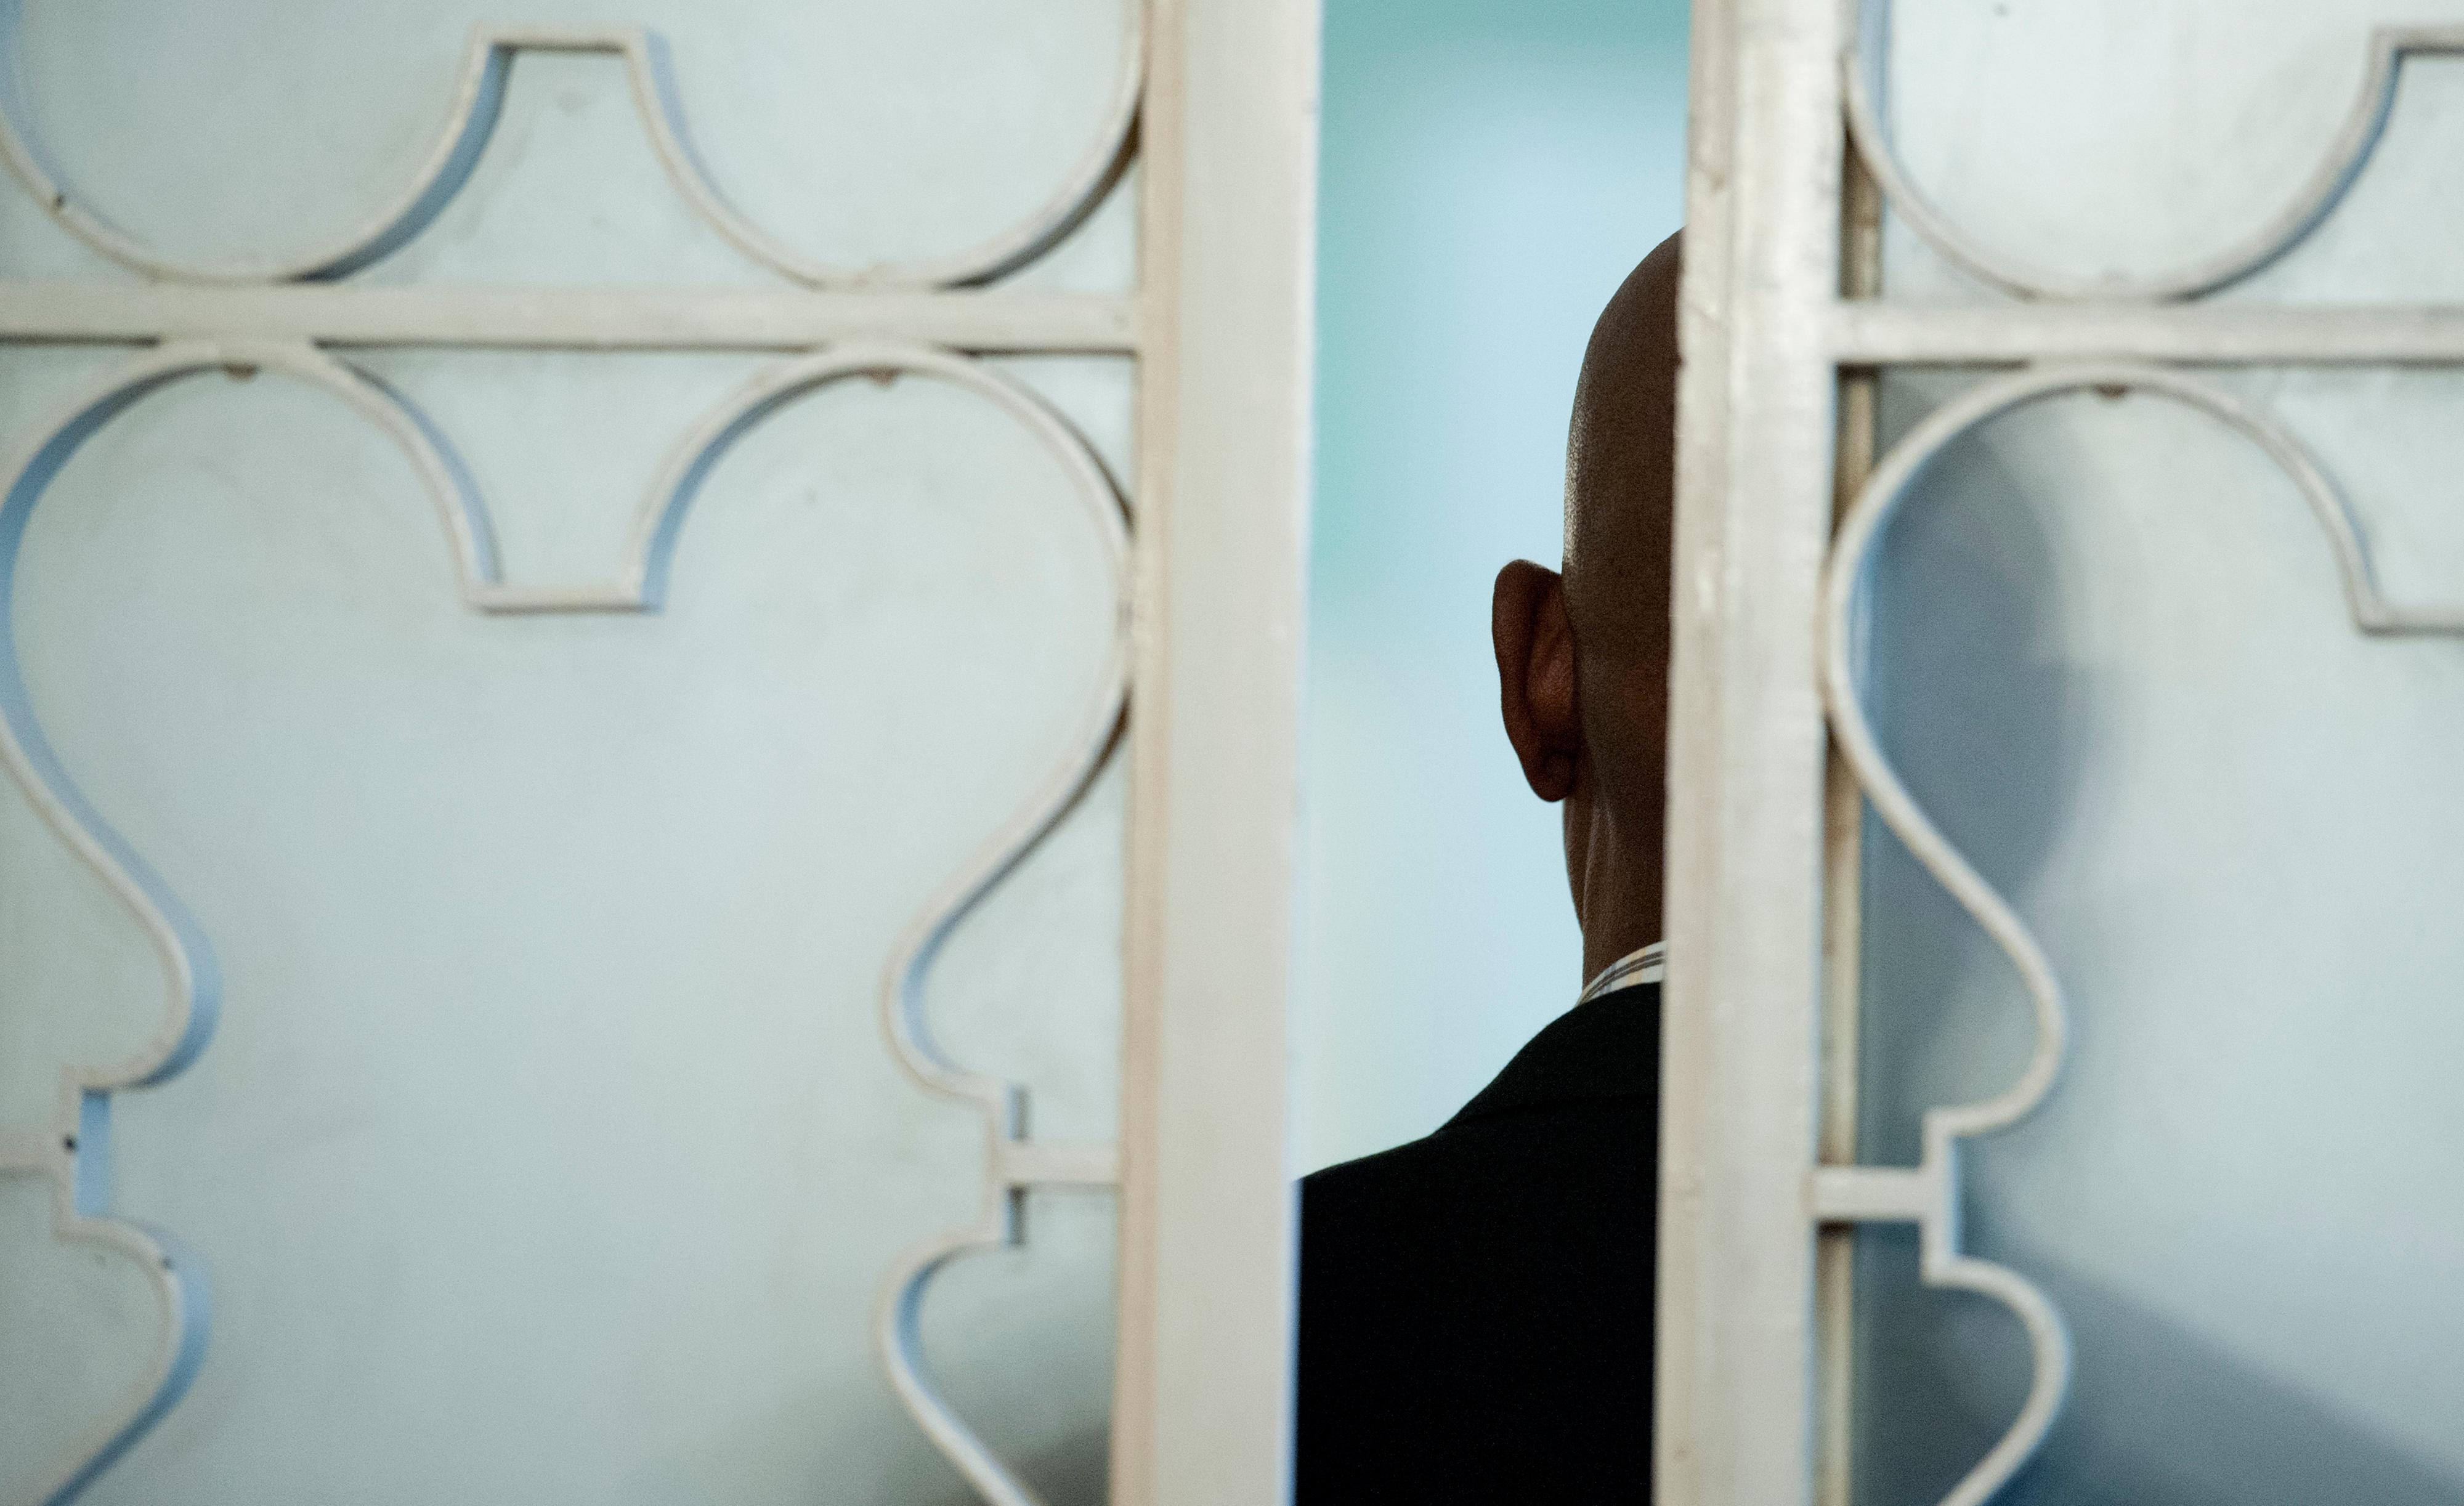 Durch einen Türspalt sieht man einen Mann von hinten.